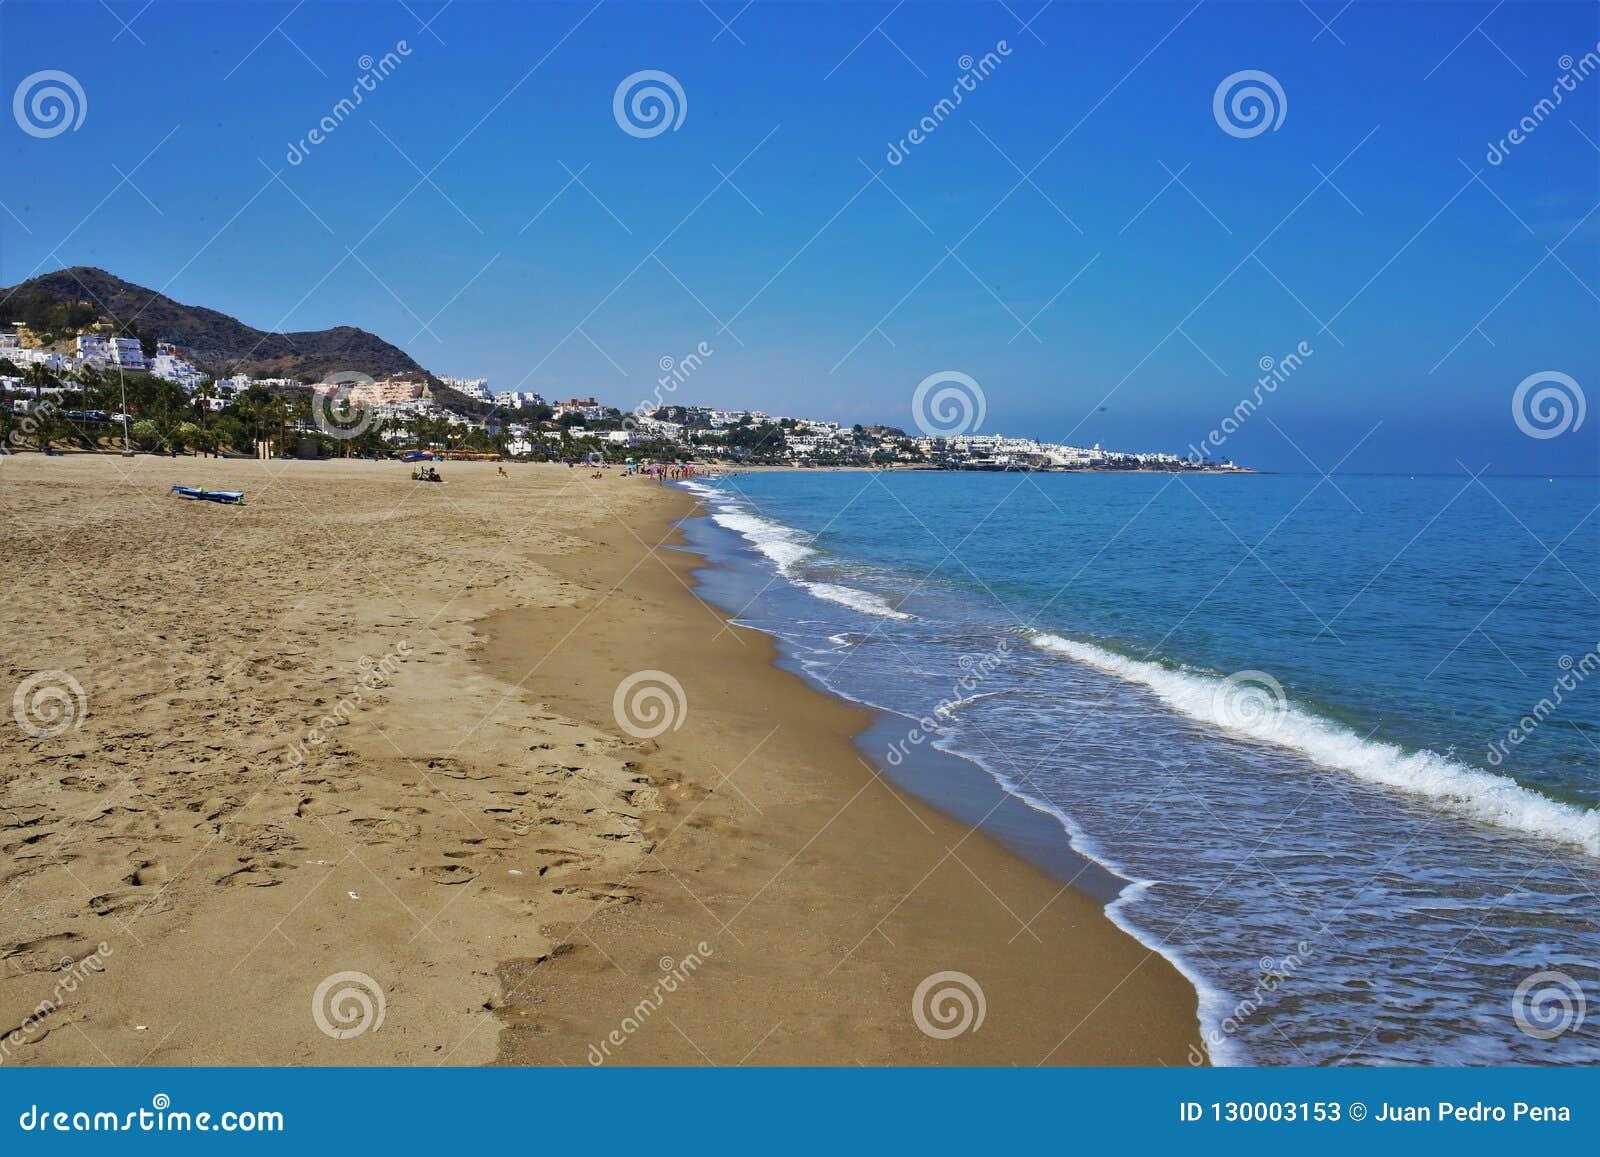 Praia do Vetanicas de Mojacar Almeria Andalusia Spain